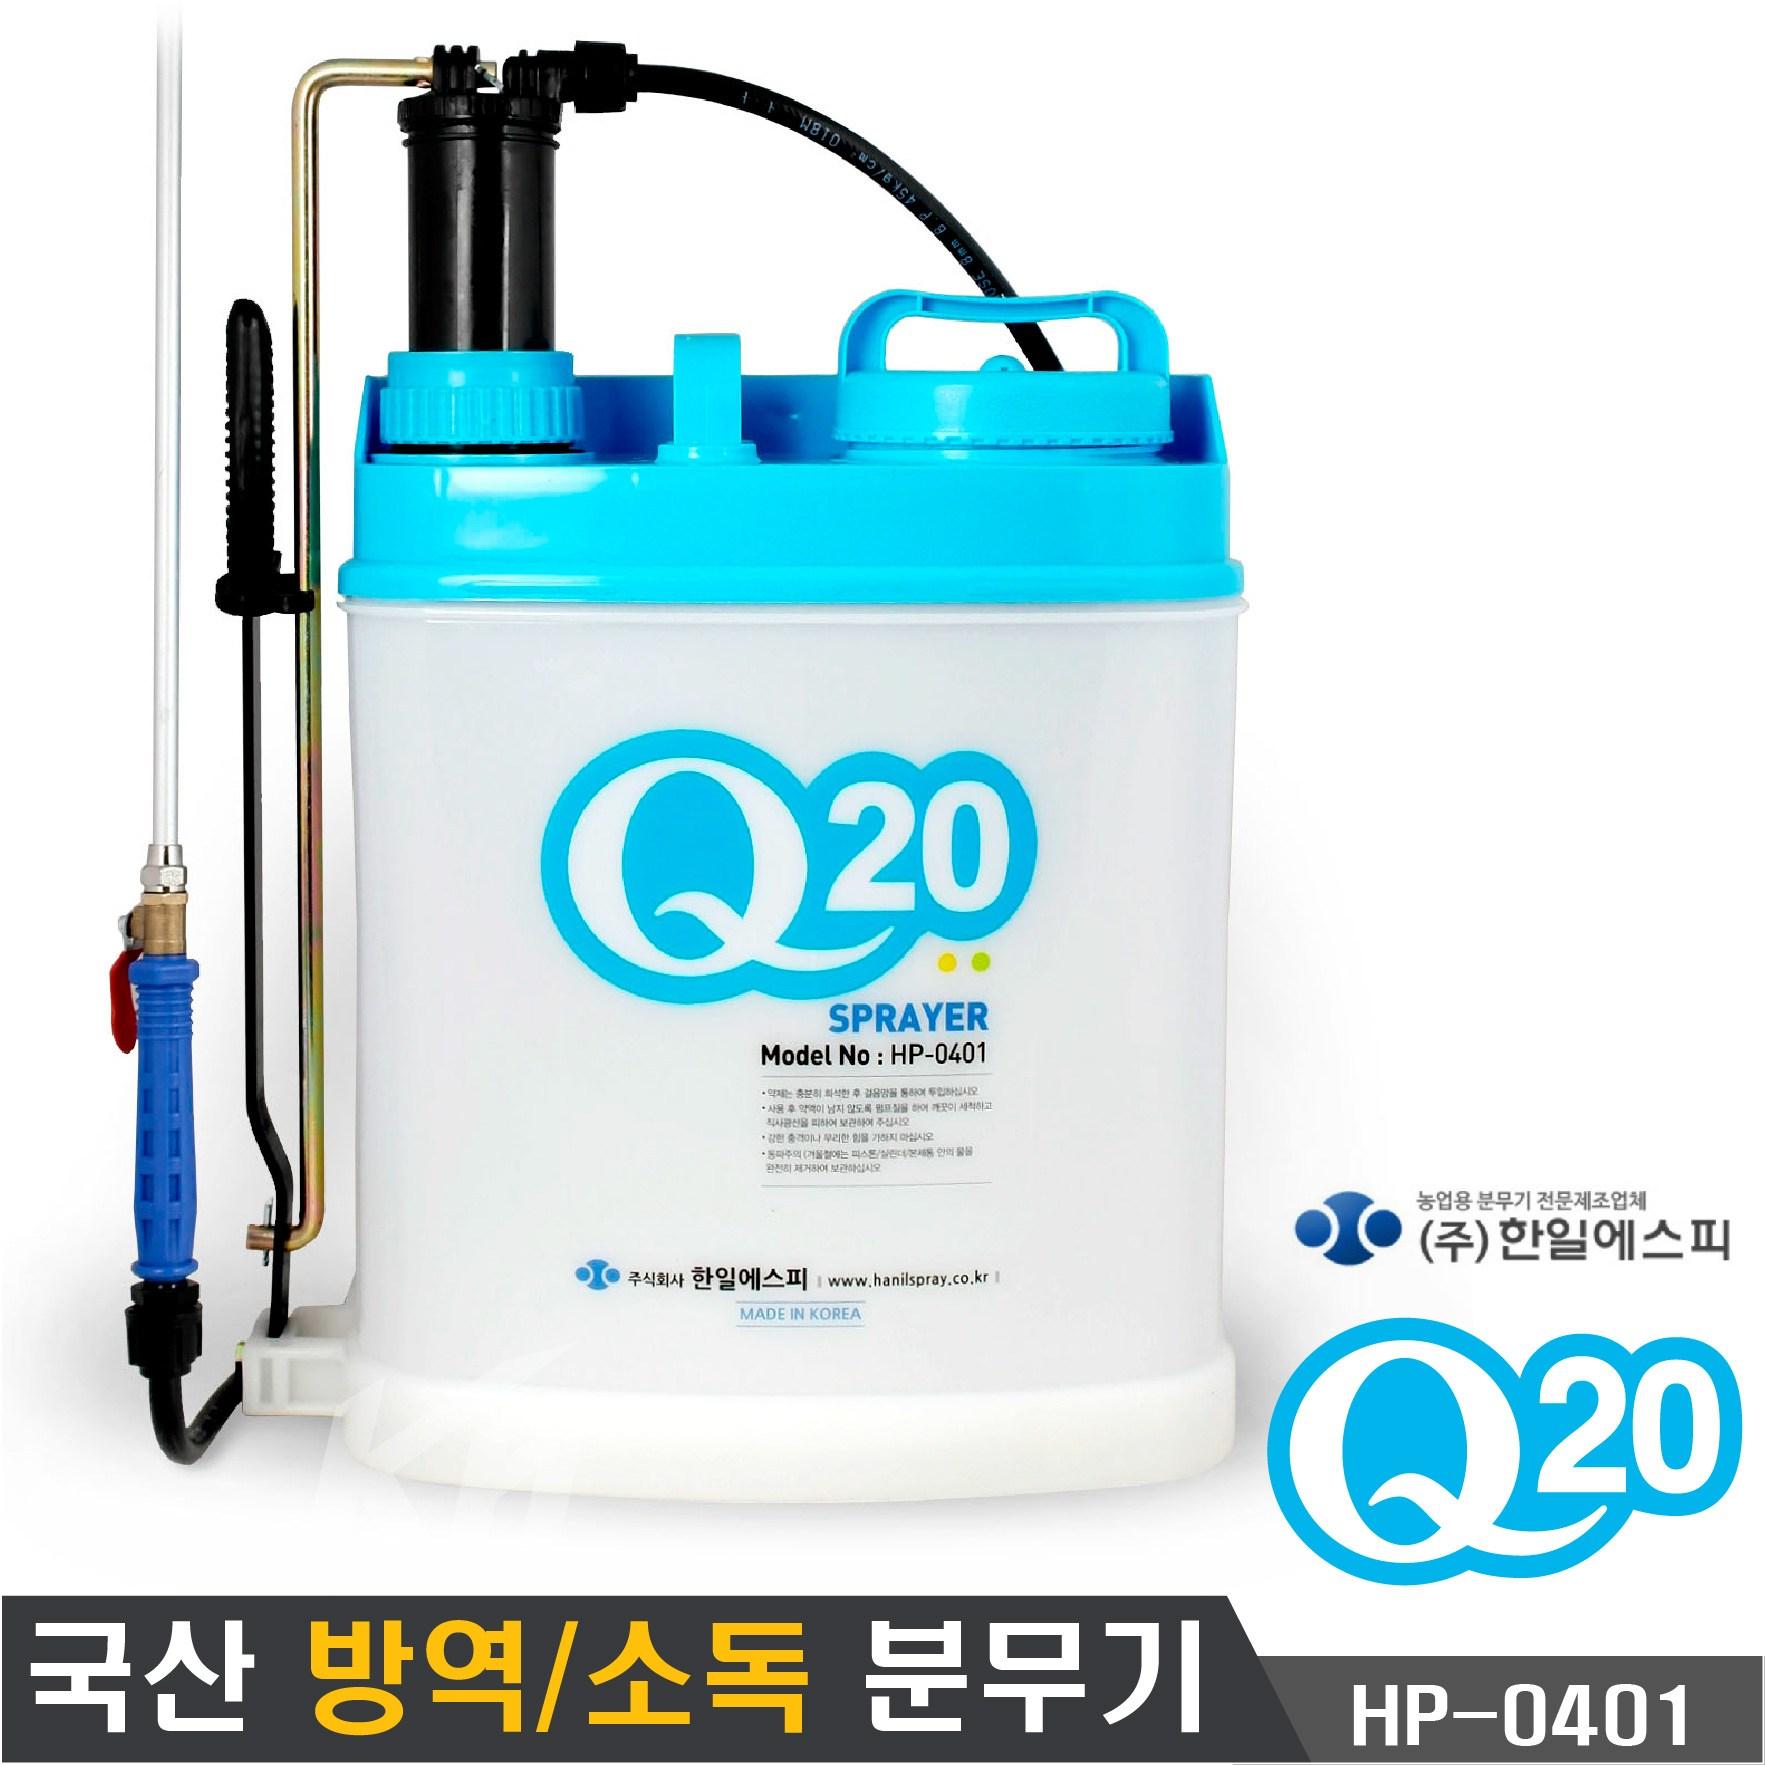 한일에스피 Q20 소독 방역 분무기 큐20 학교소독 건물소독 병원소독